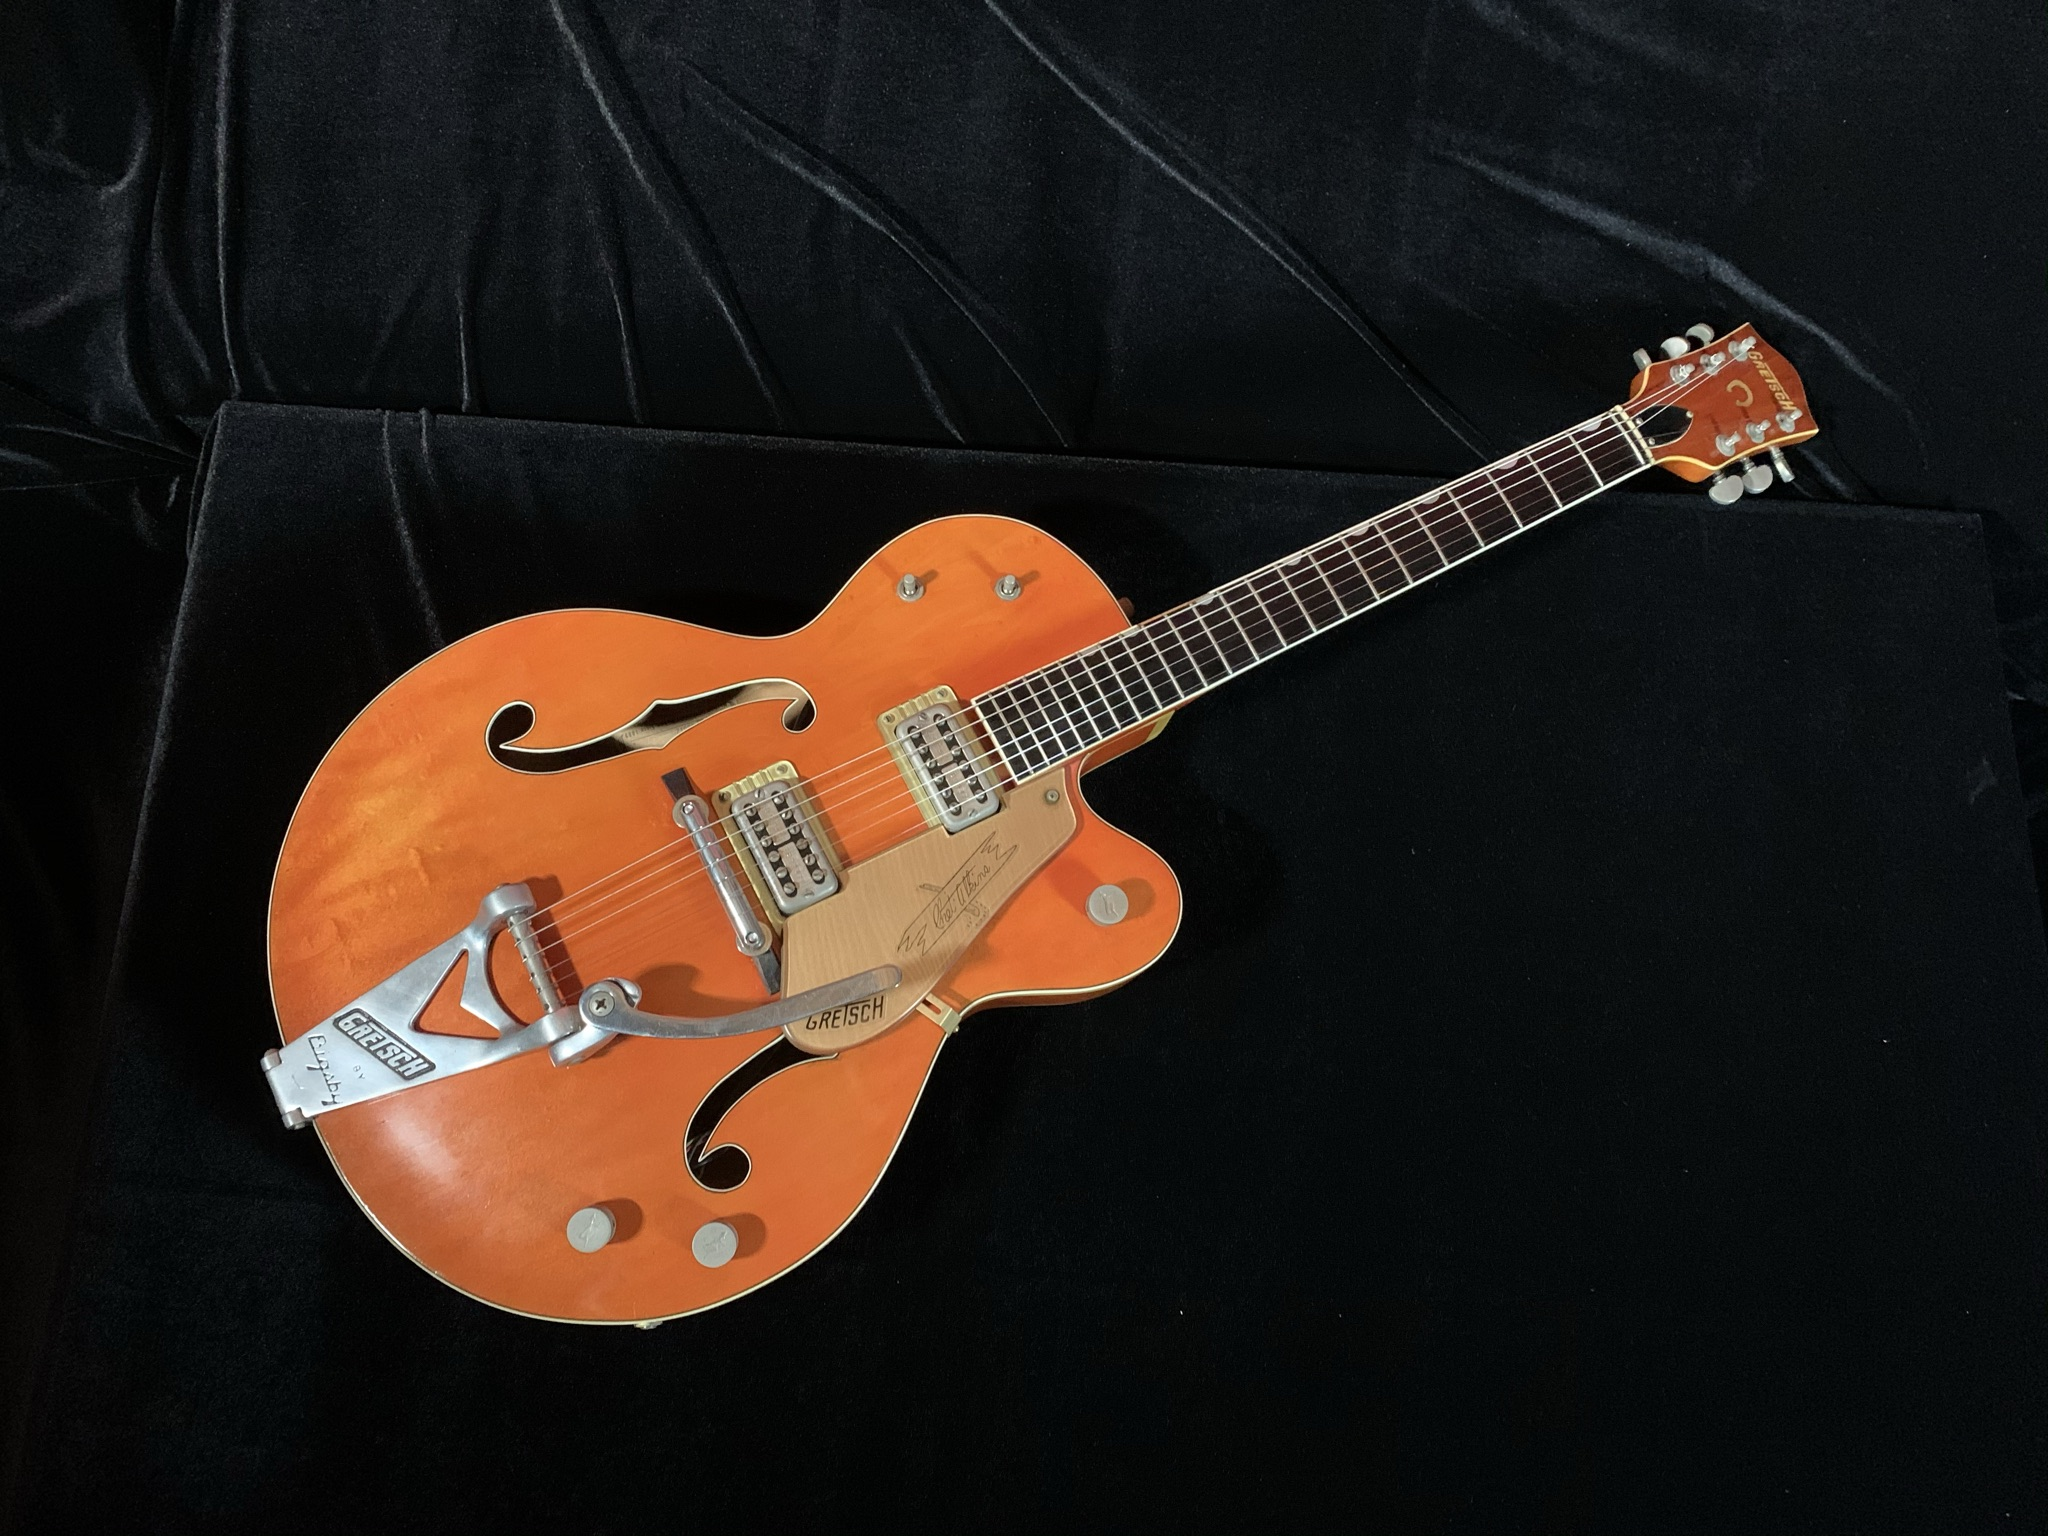 1960 Gretsch 6120 SN# 38812 Good Condition